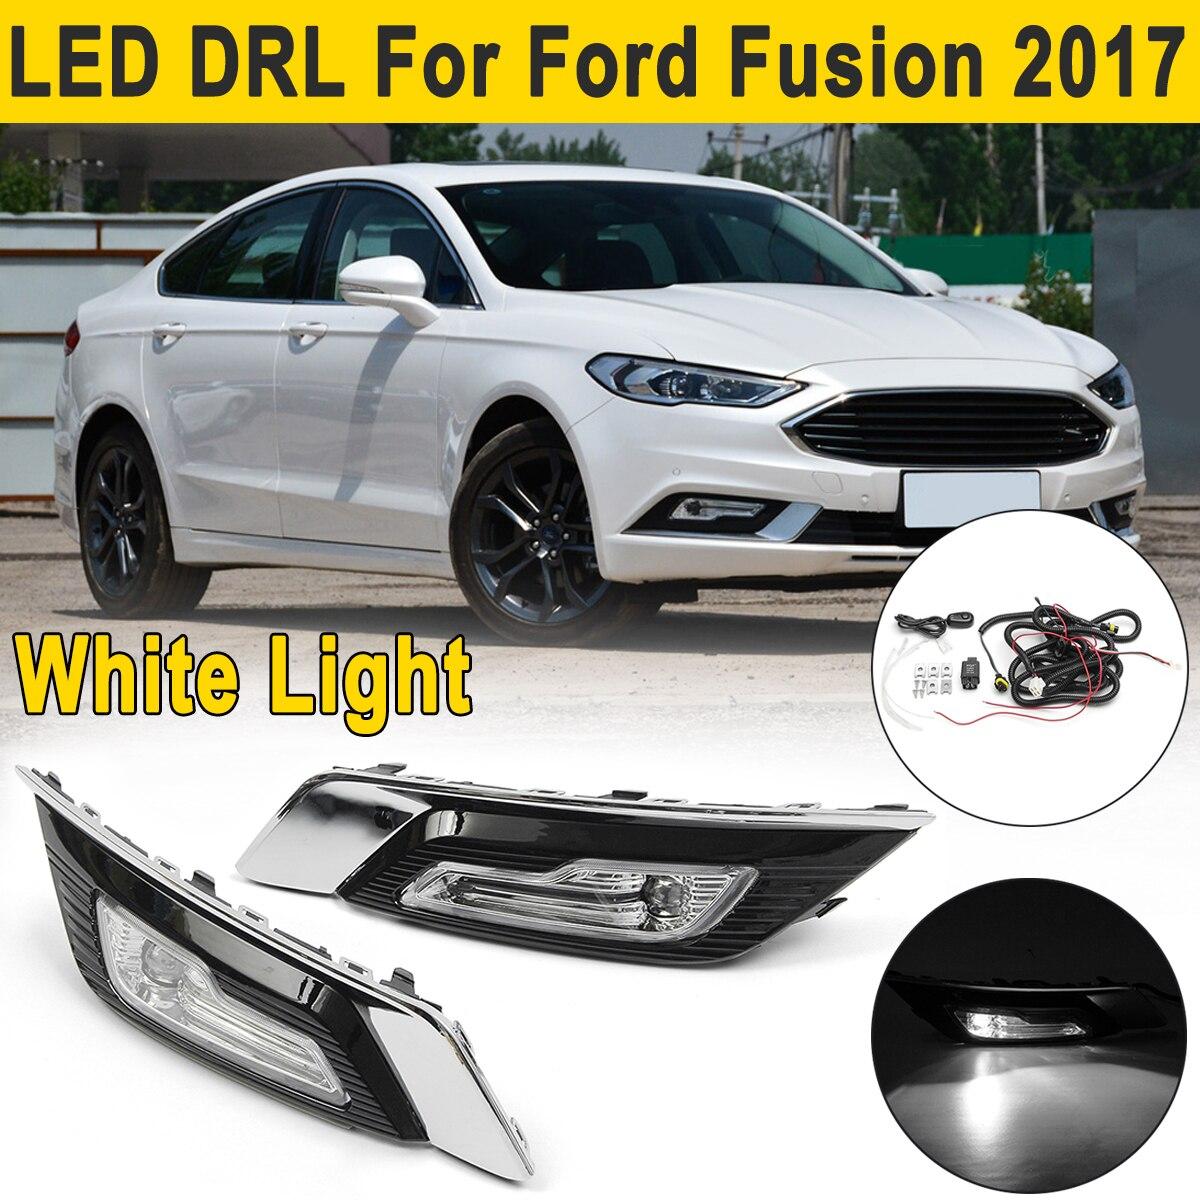 2 pz LED DRL di Giorno Corsa e Jogging Luci Lampade Indicatori di Direzione Luci di Nebbia Filo per Ford per la Fusione per Mondeo 2017 2018 Luce di Azionamento